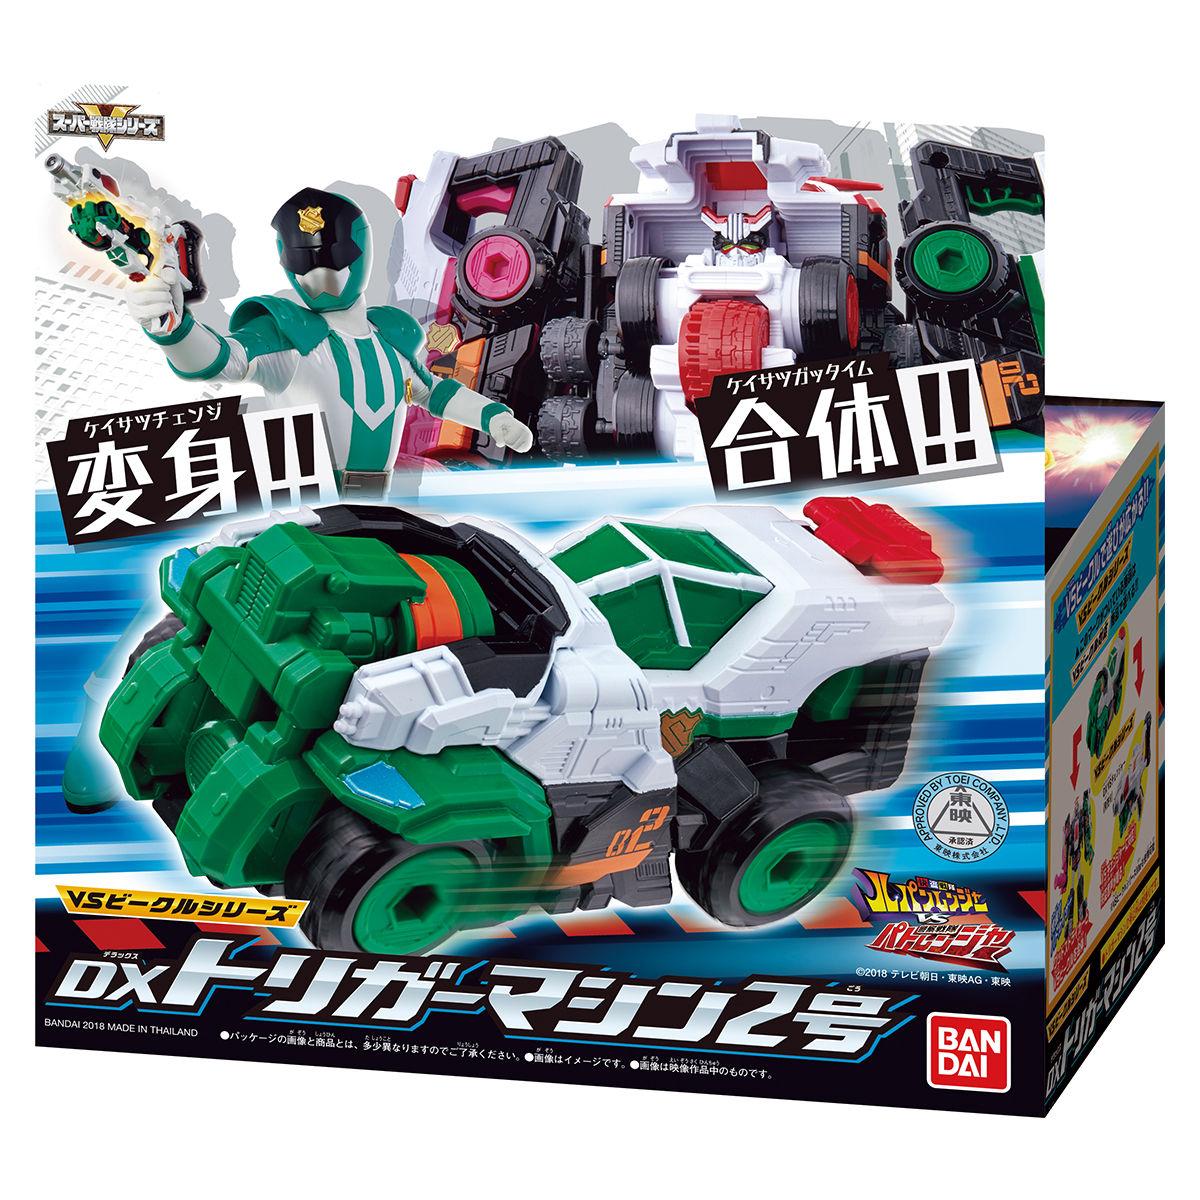 VSビークルシリーズ DXトリガーマシン2号